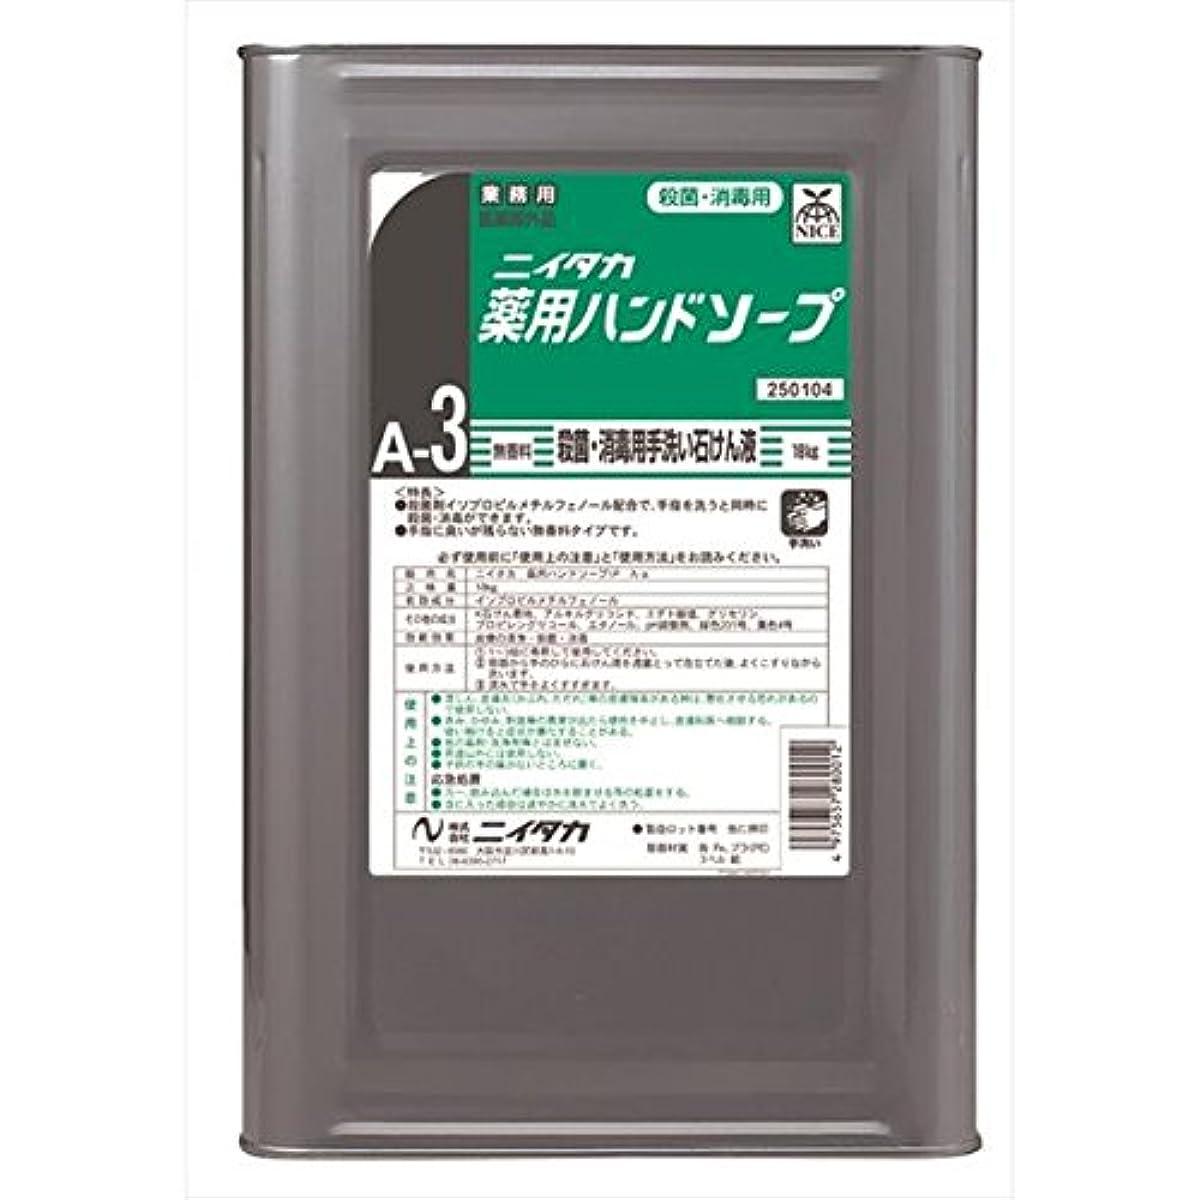 爆弾告発酸っぱいニイタカ:薬用ハンドソープ(A-3) 18kg 250104